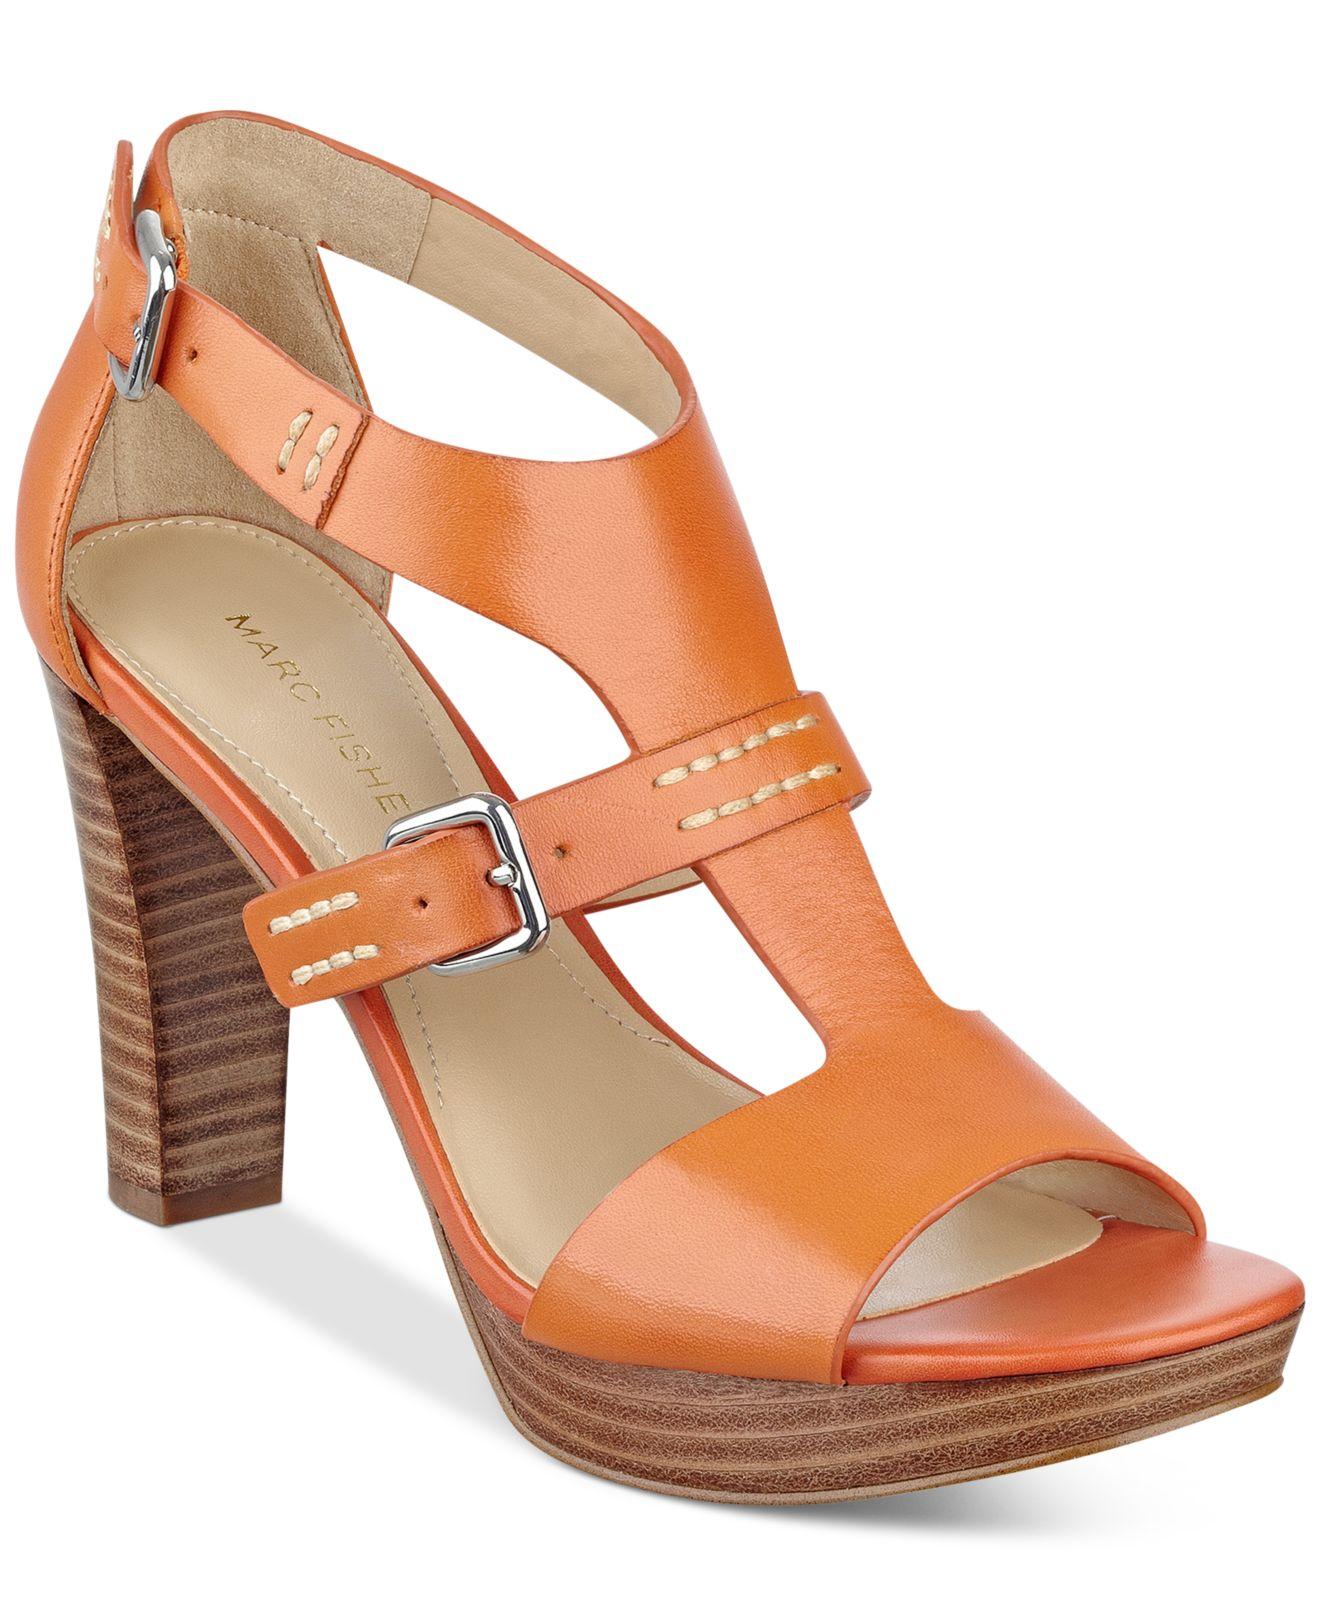 Macys Shoes Sandals Sale